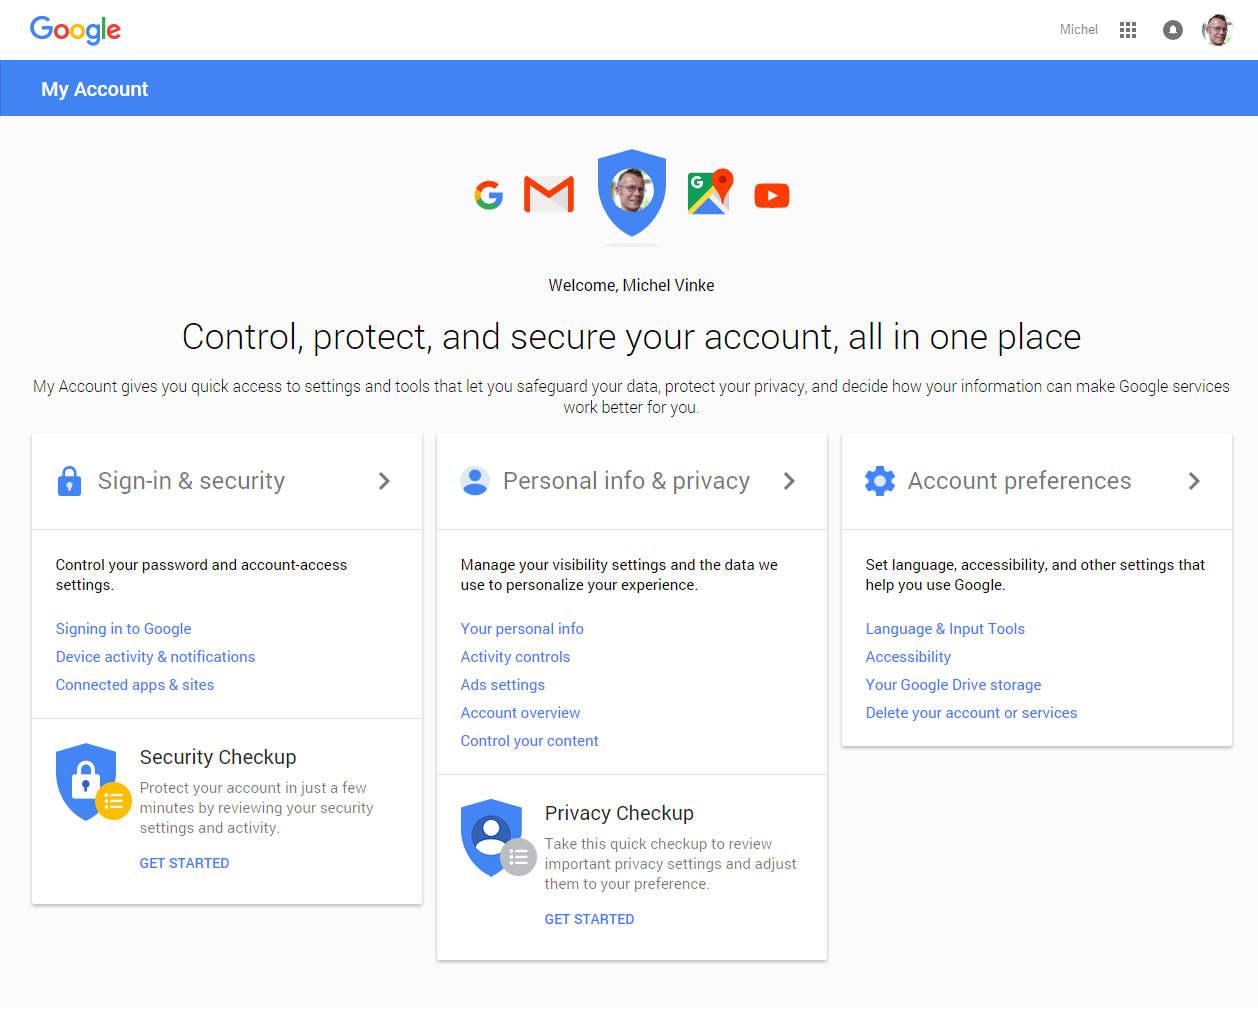 My Account scherm van Google